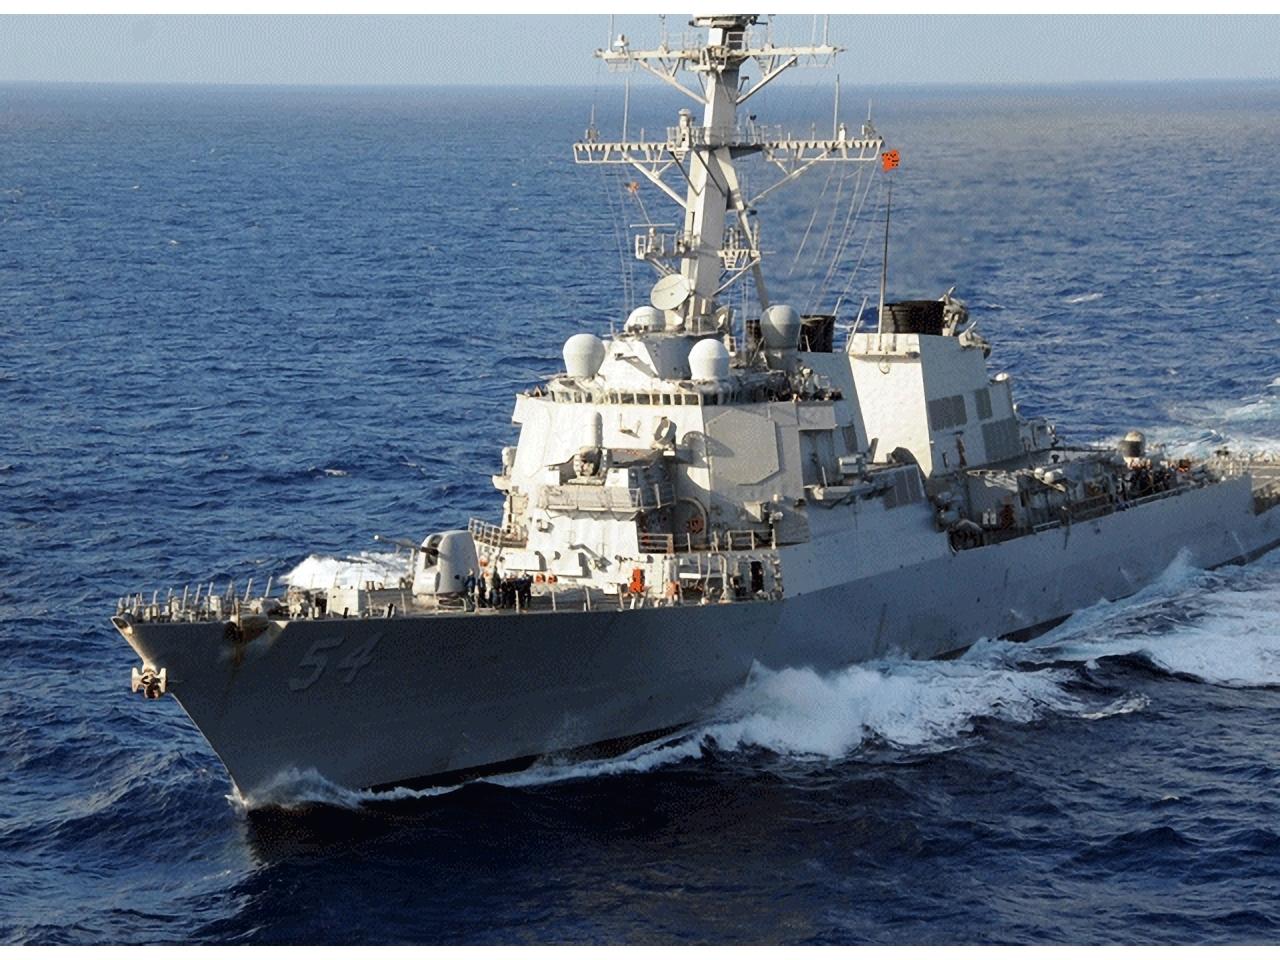 米海軍の艦船の維持・修理に「Google Cloud」のAI技術を導入 - ZDNet Japan